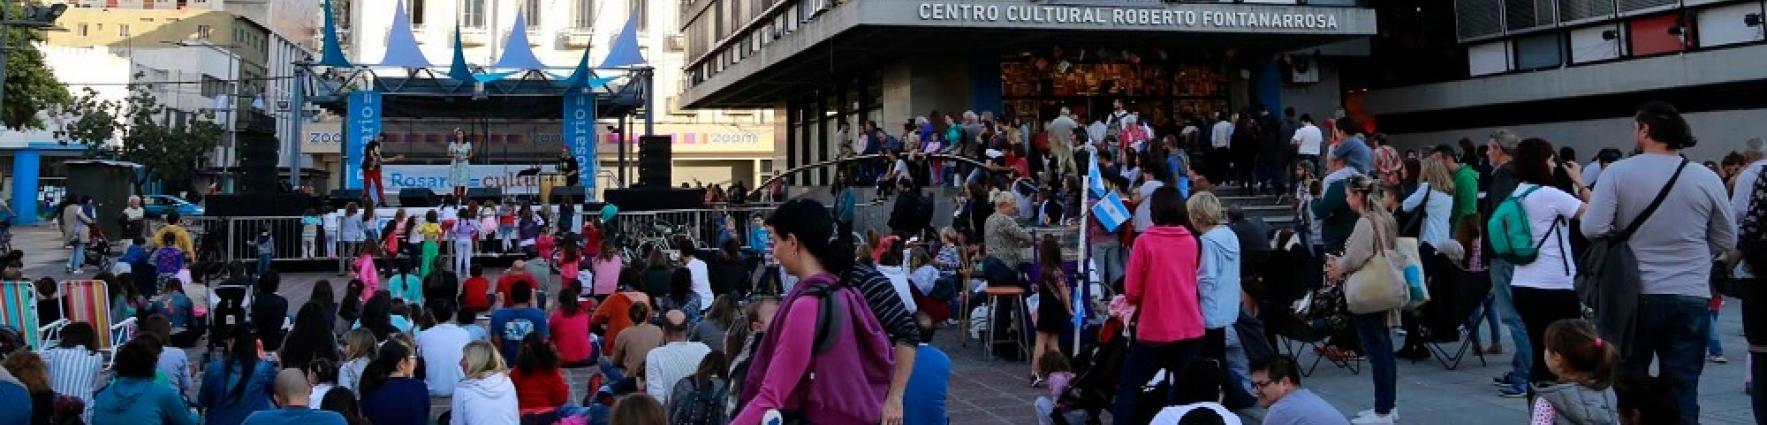 Feria Internacional del Libro 2019 Rosario